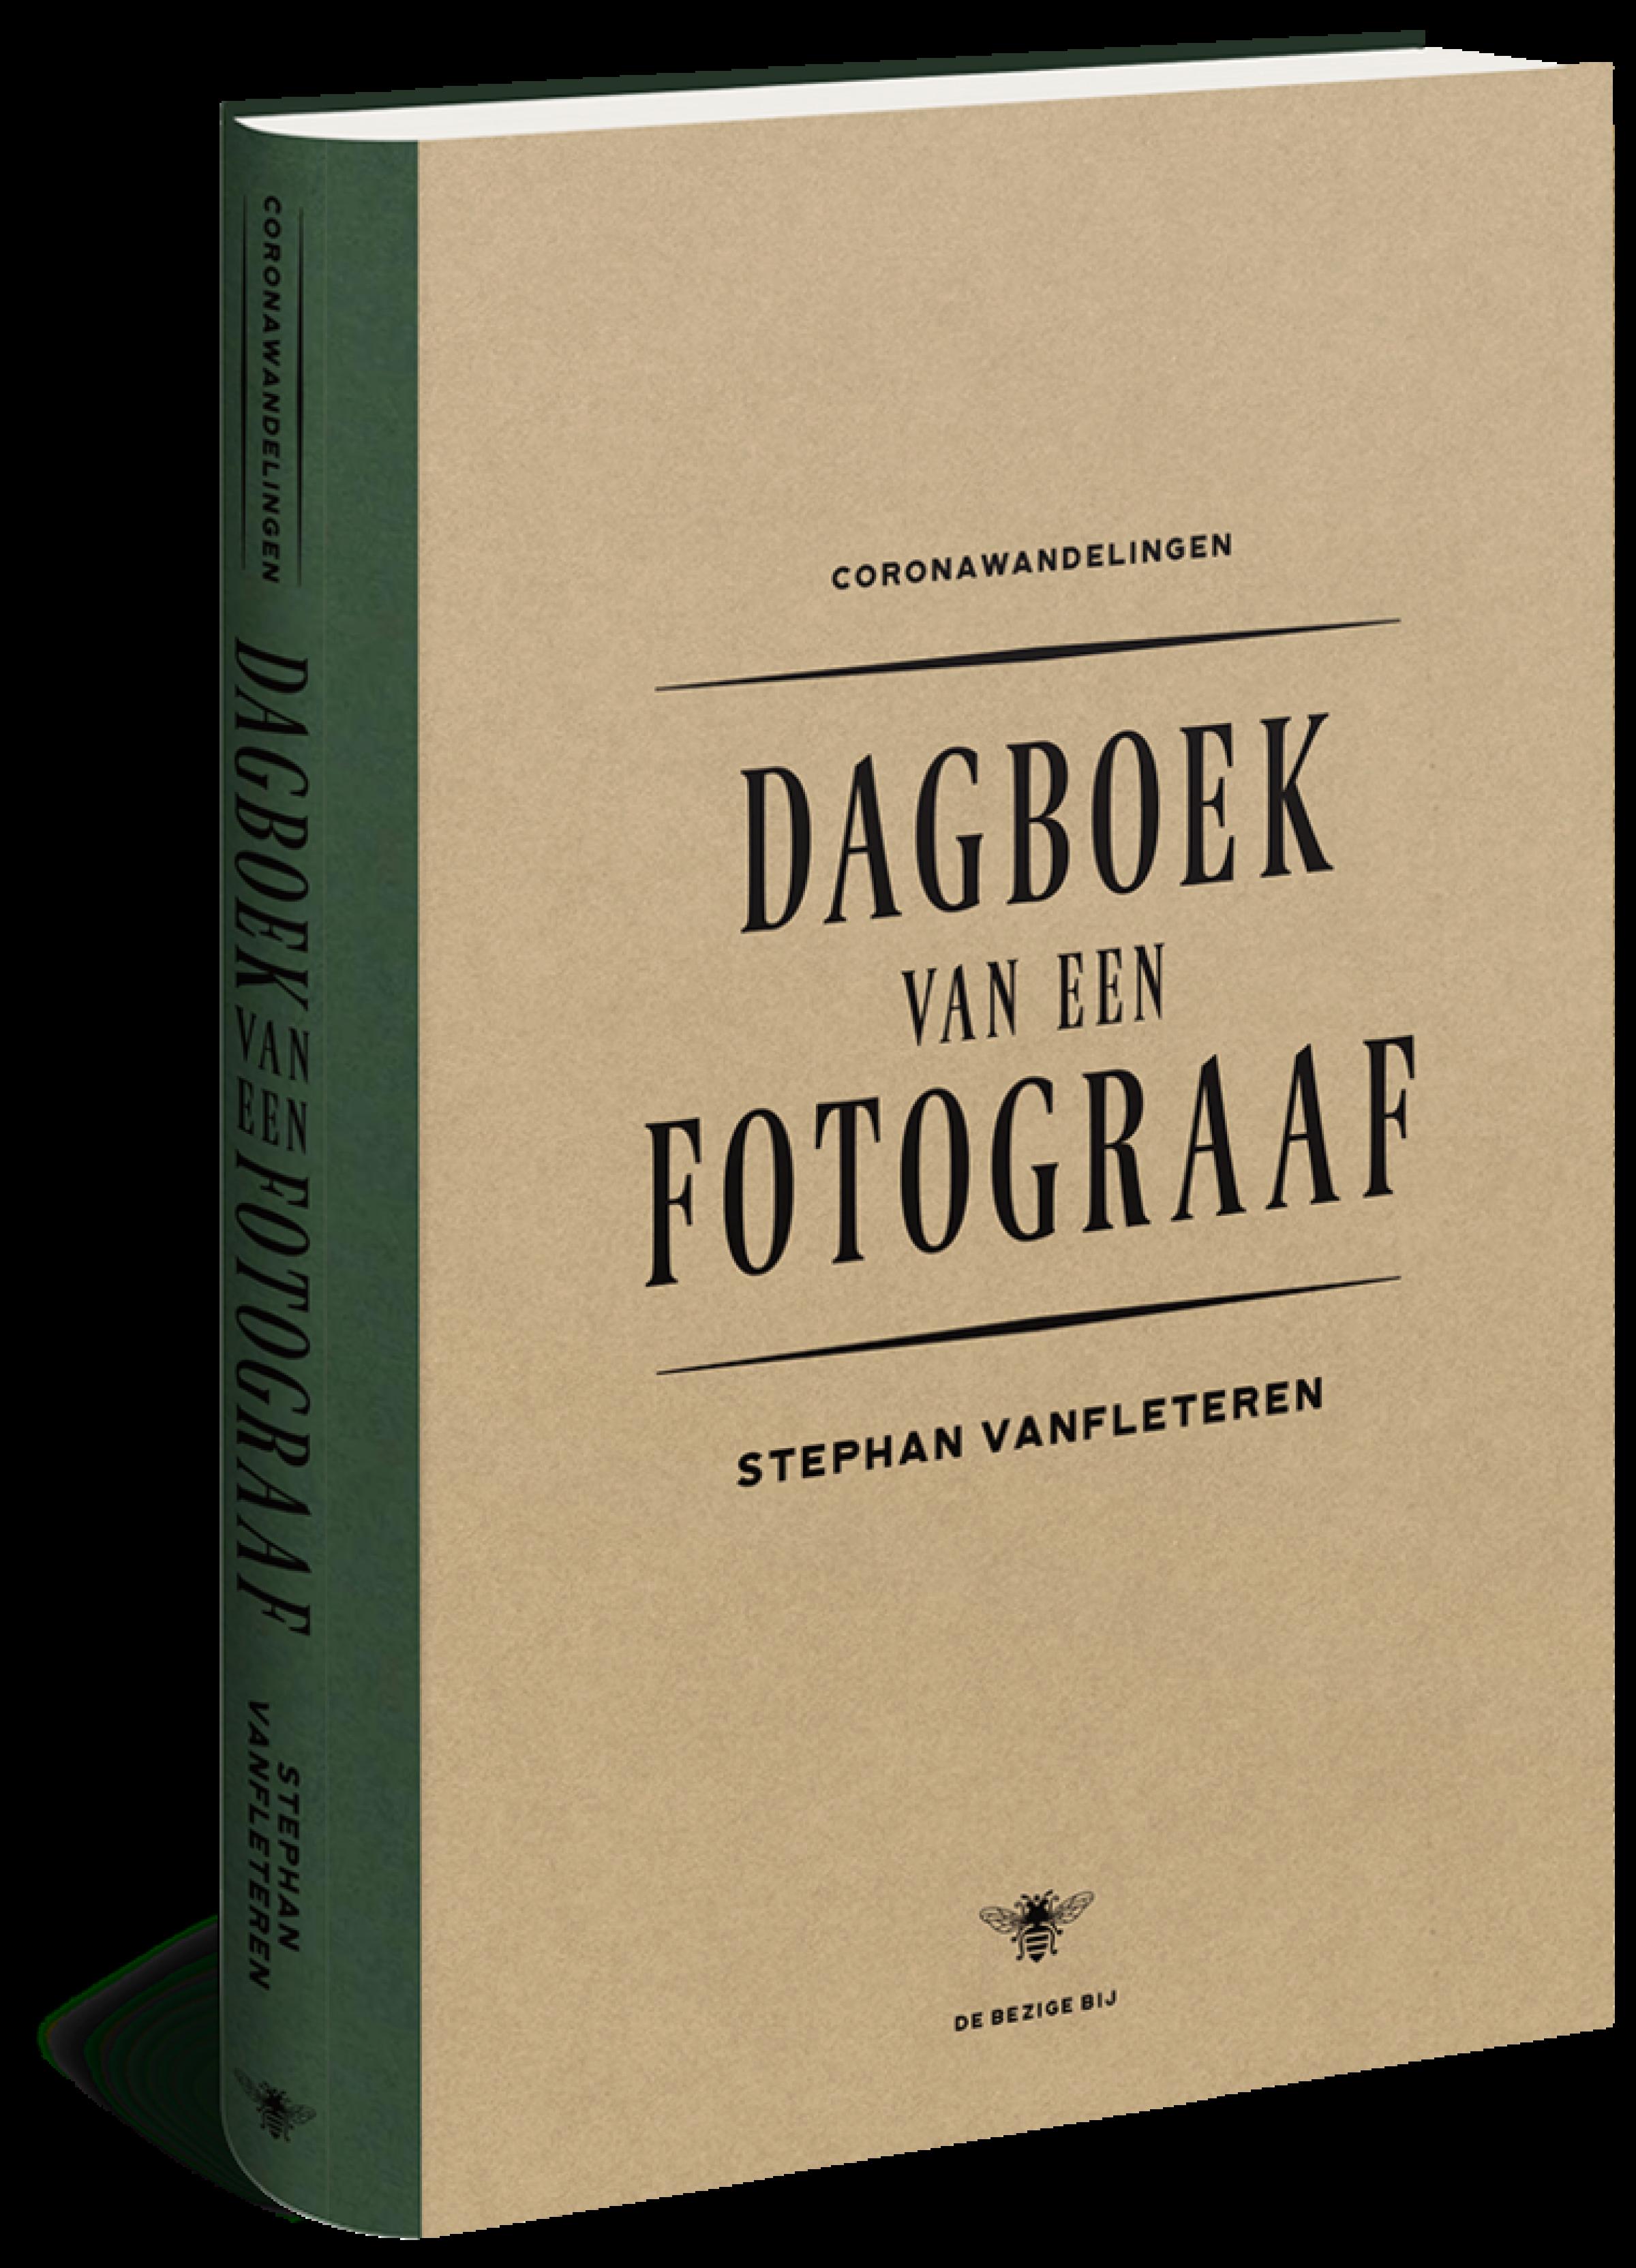 Stephan Vanfleteren: Dagboek van een fotograaf